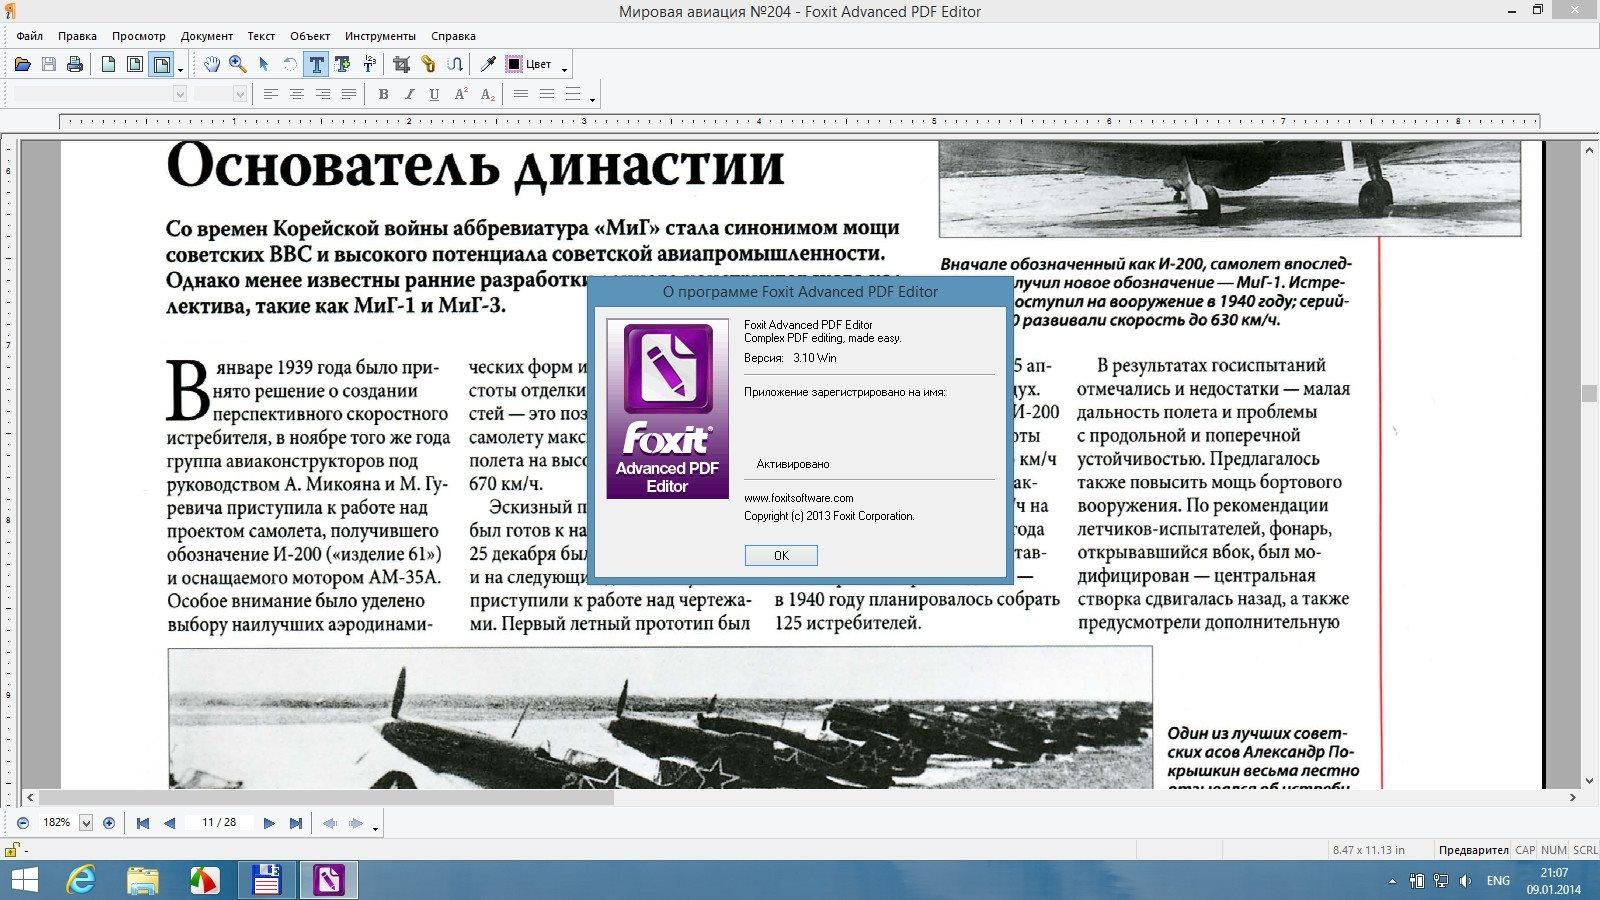 http://images.vfl.ru/ii/1389303805/9b095a8a/3940000.jpg